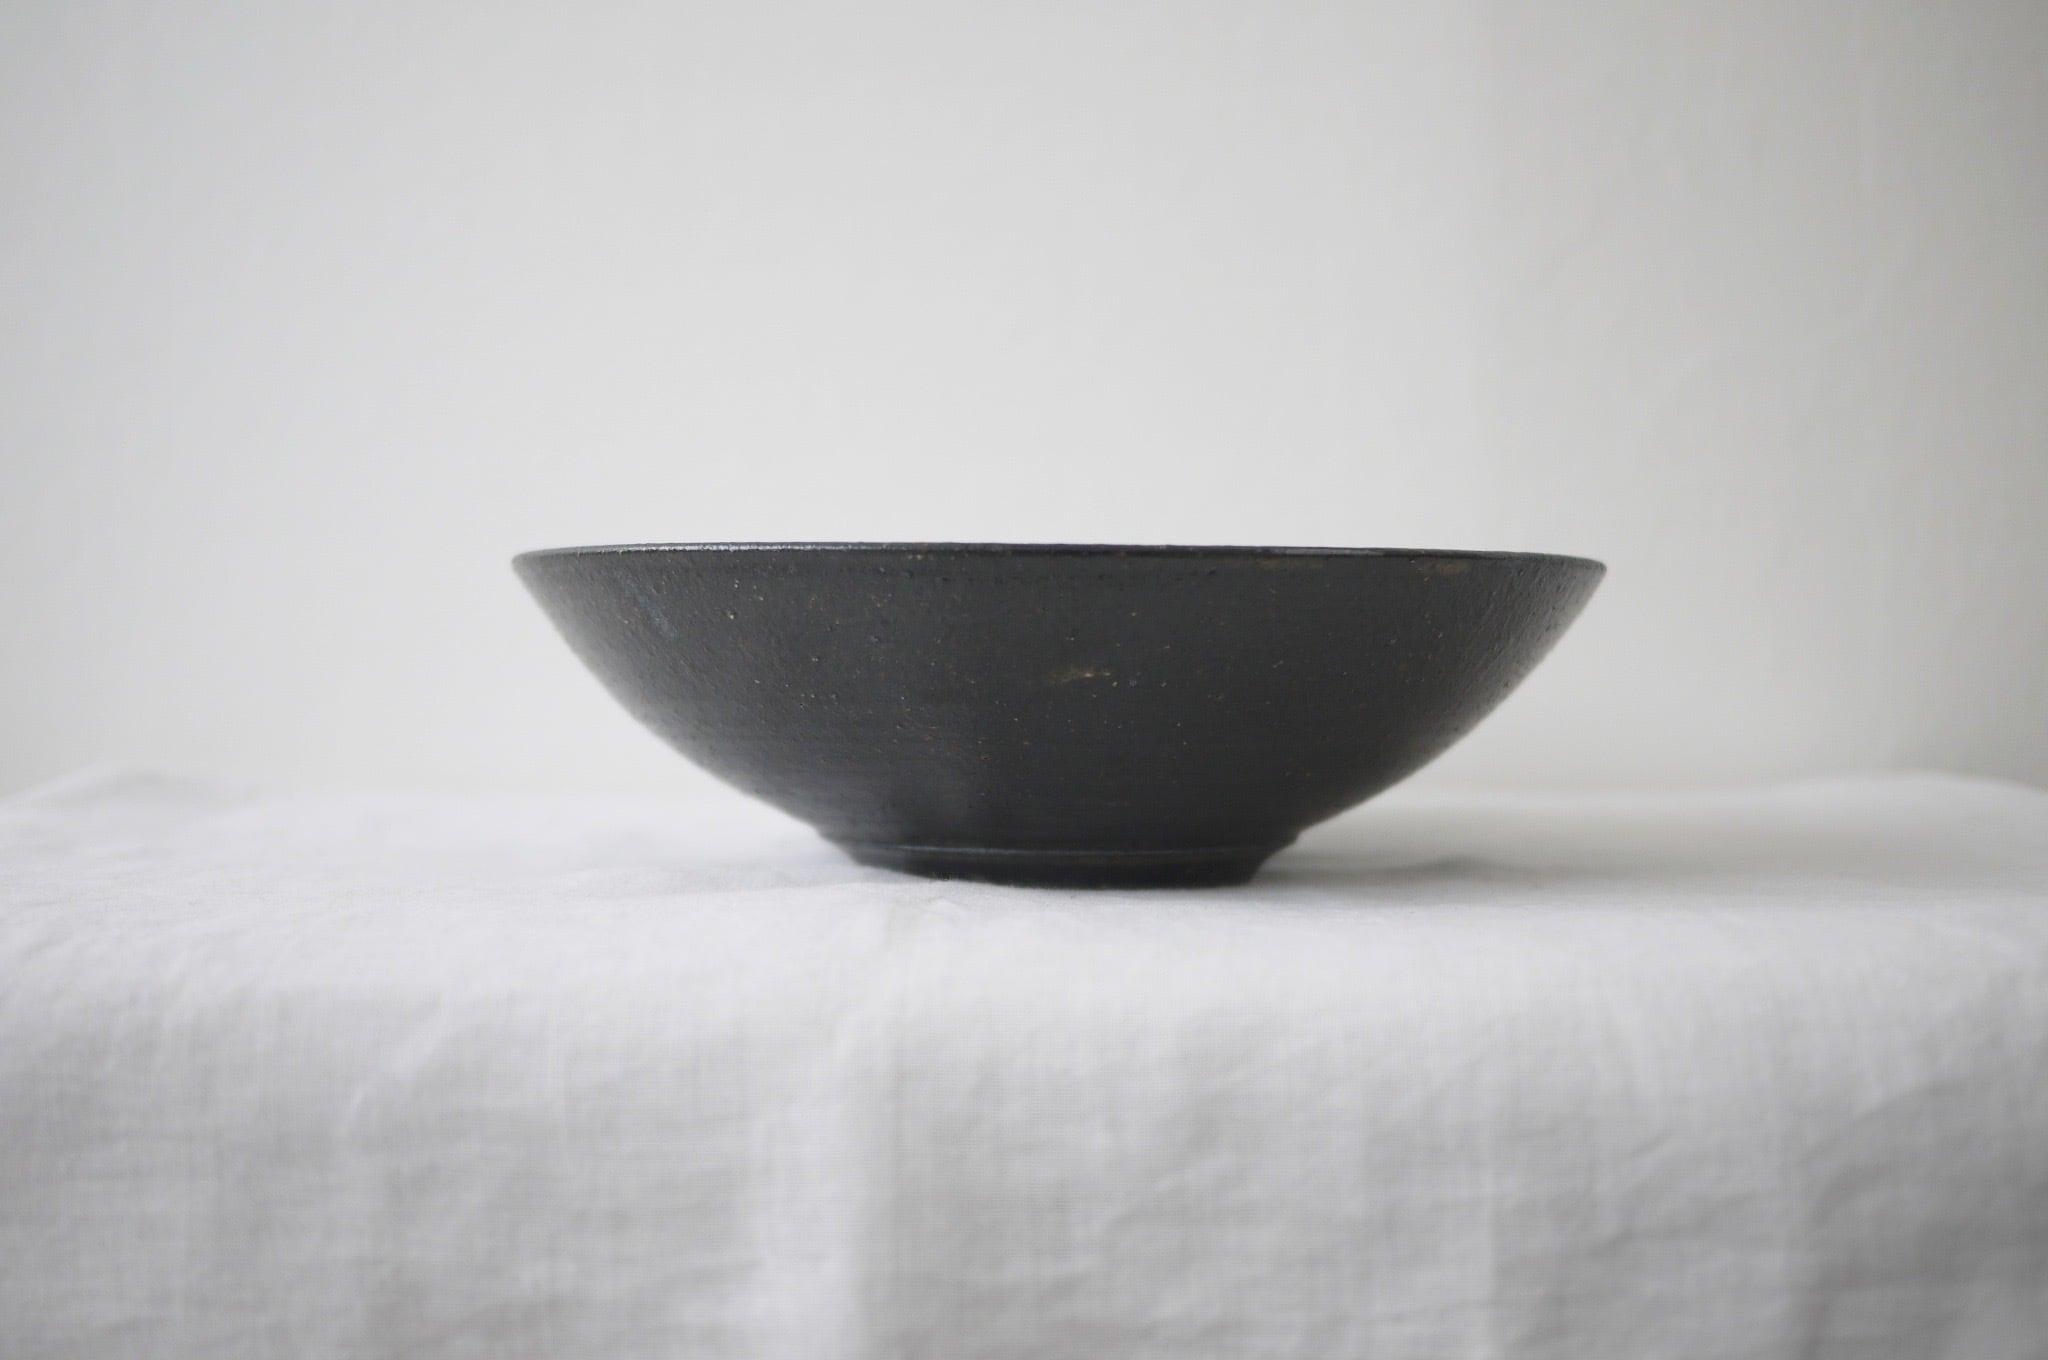 寺田昭洋 no.16 8寸鉢 黒